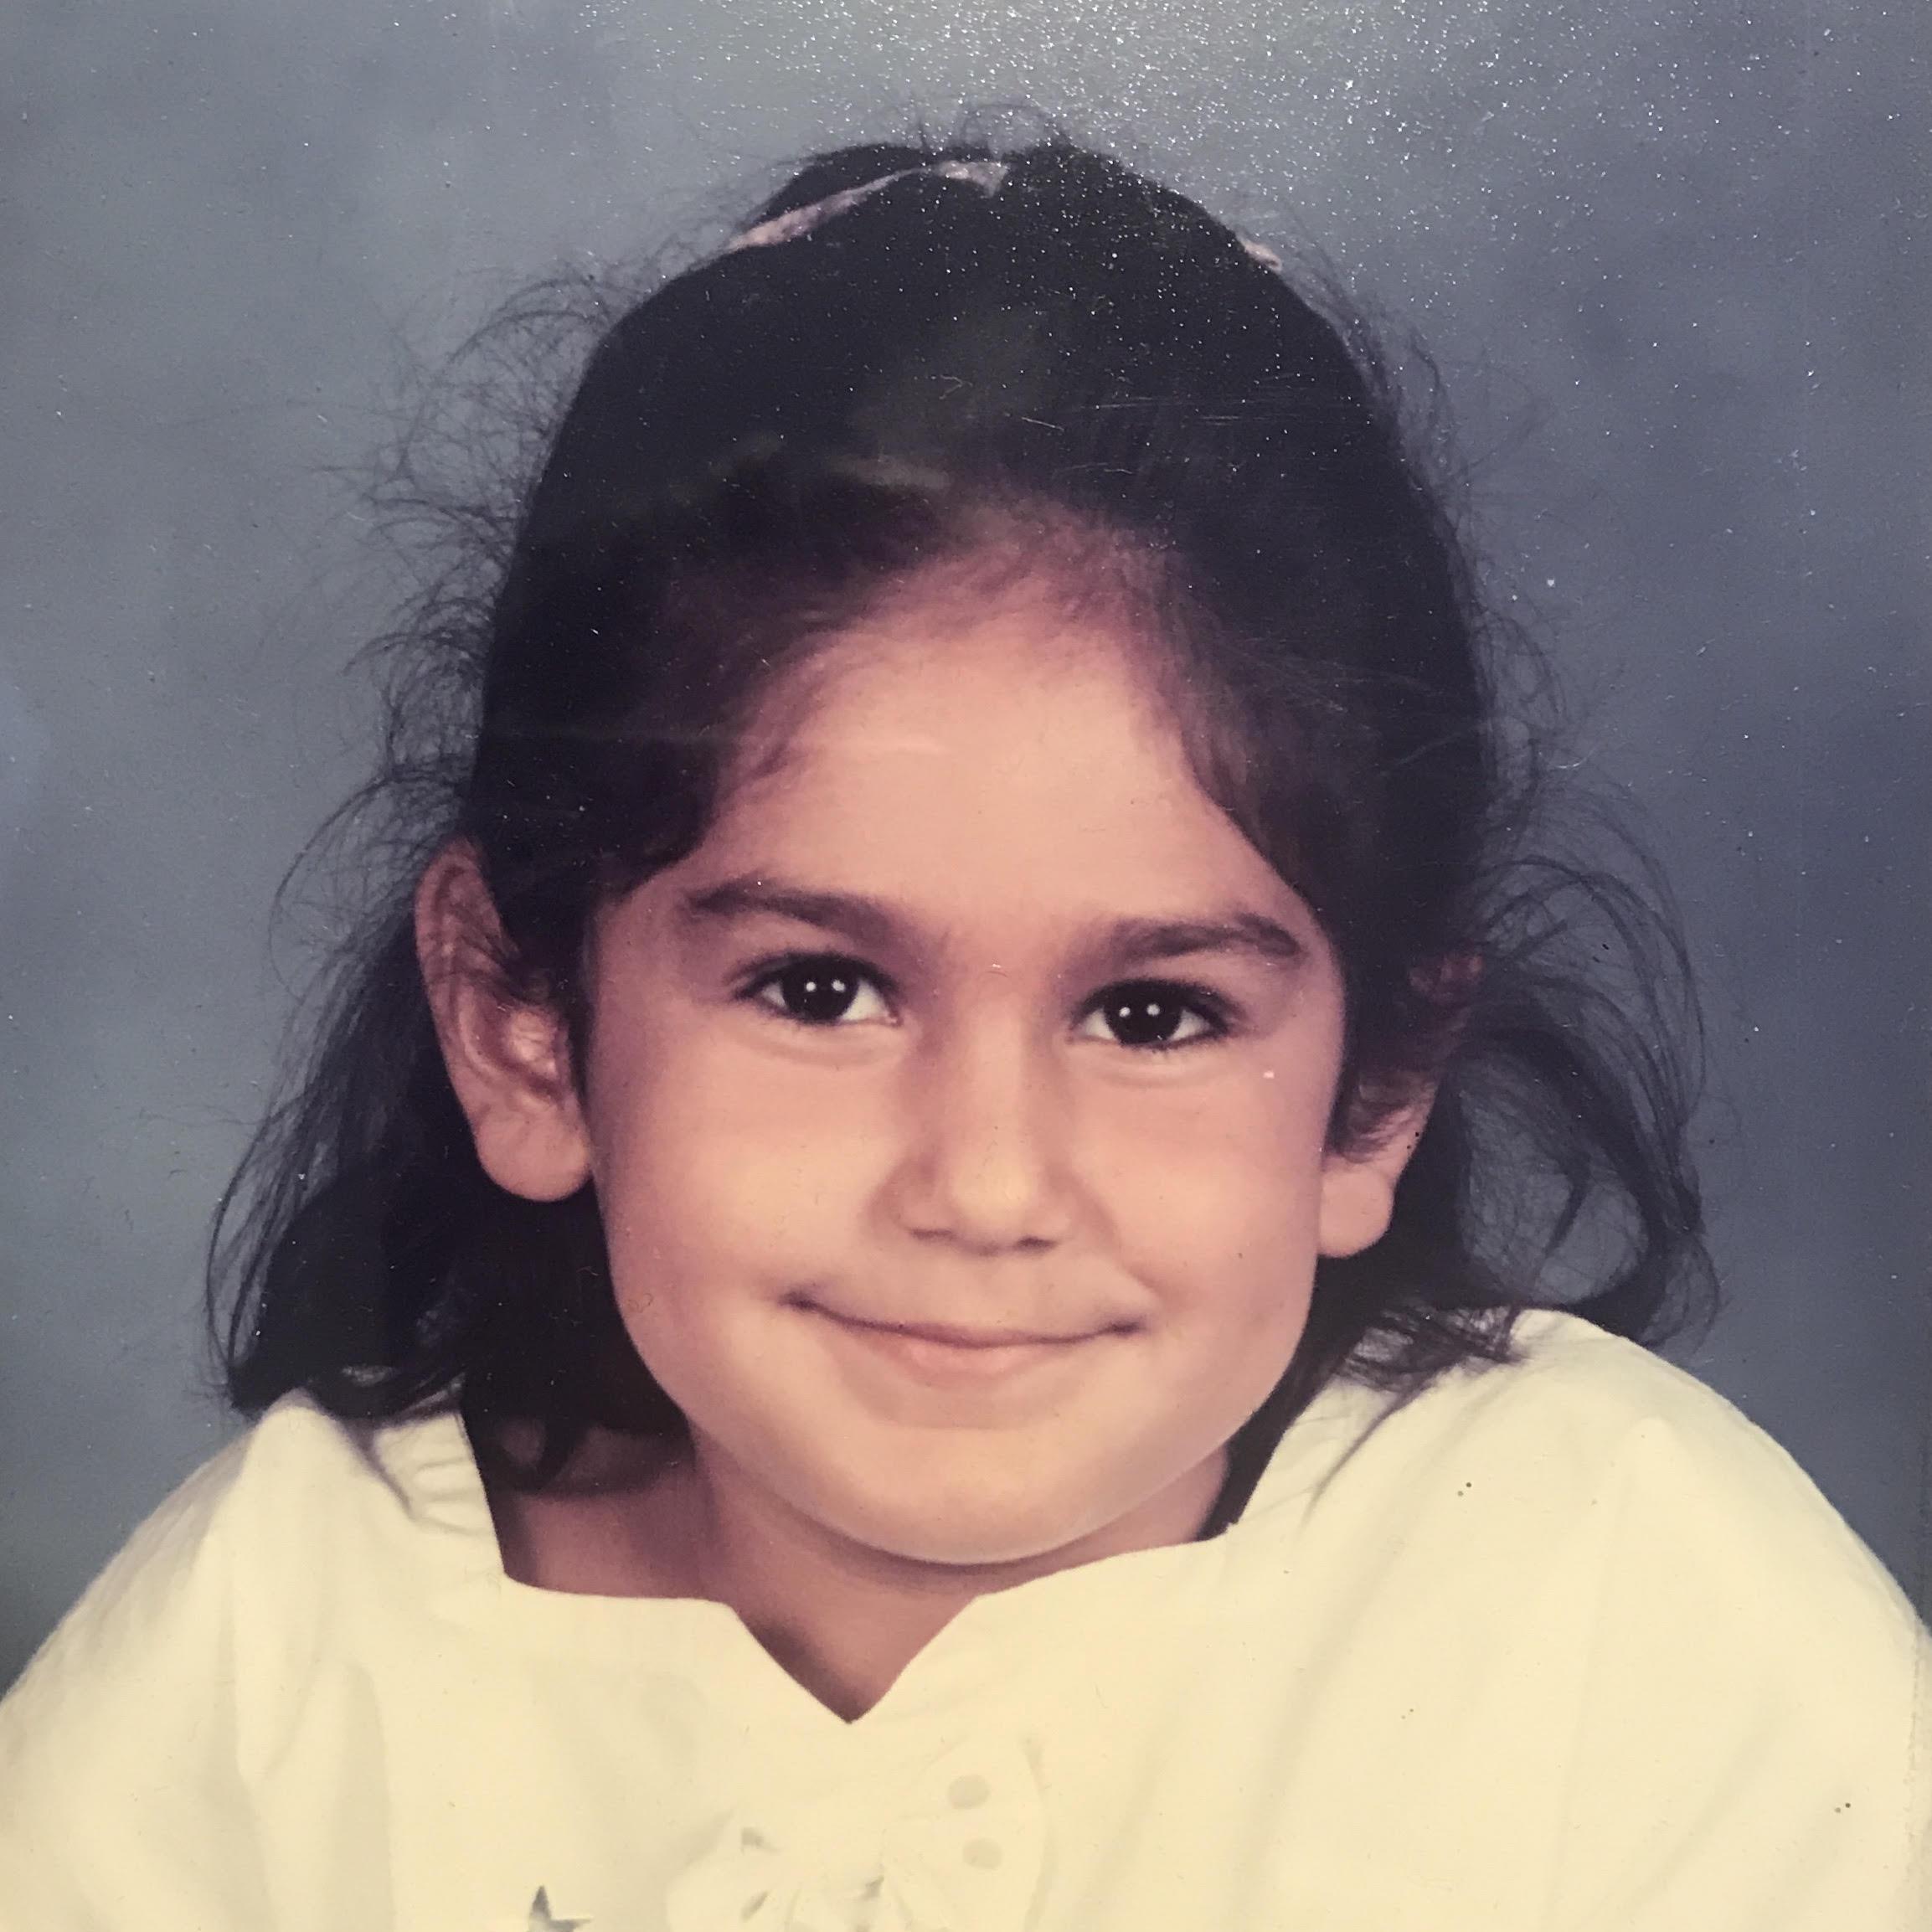 Super-cute Shahroo circa 1990 😍